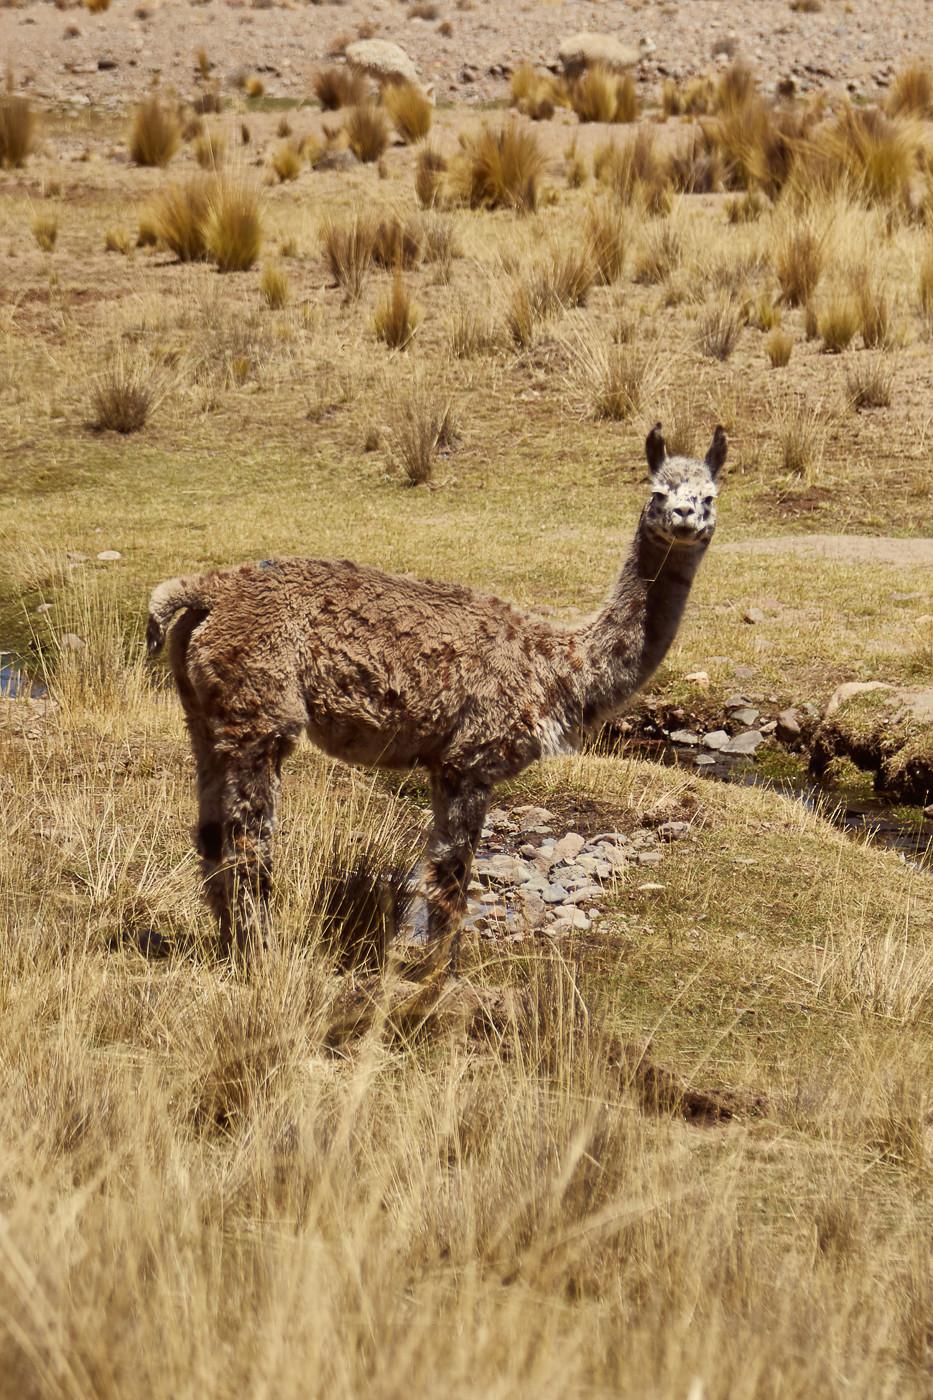 braunes Alpaka in Peru. Wenn man in Peru selbst mit dem Auto unterwegs ist; dann wird man immer wieder Alpakas am Straßenrand begegnen. Wichtig ist es aber; die Tiere nicht zu bedrängen; da sie wie Pferde Fluchttiere sind.